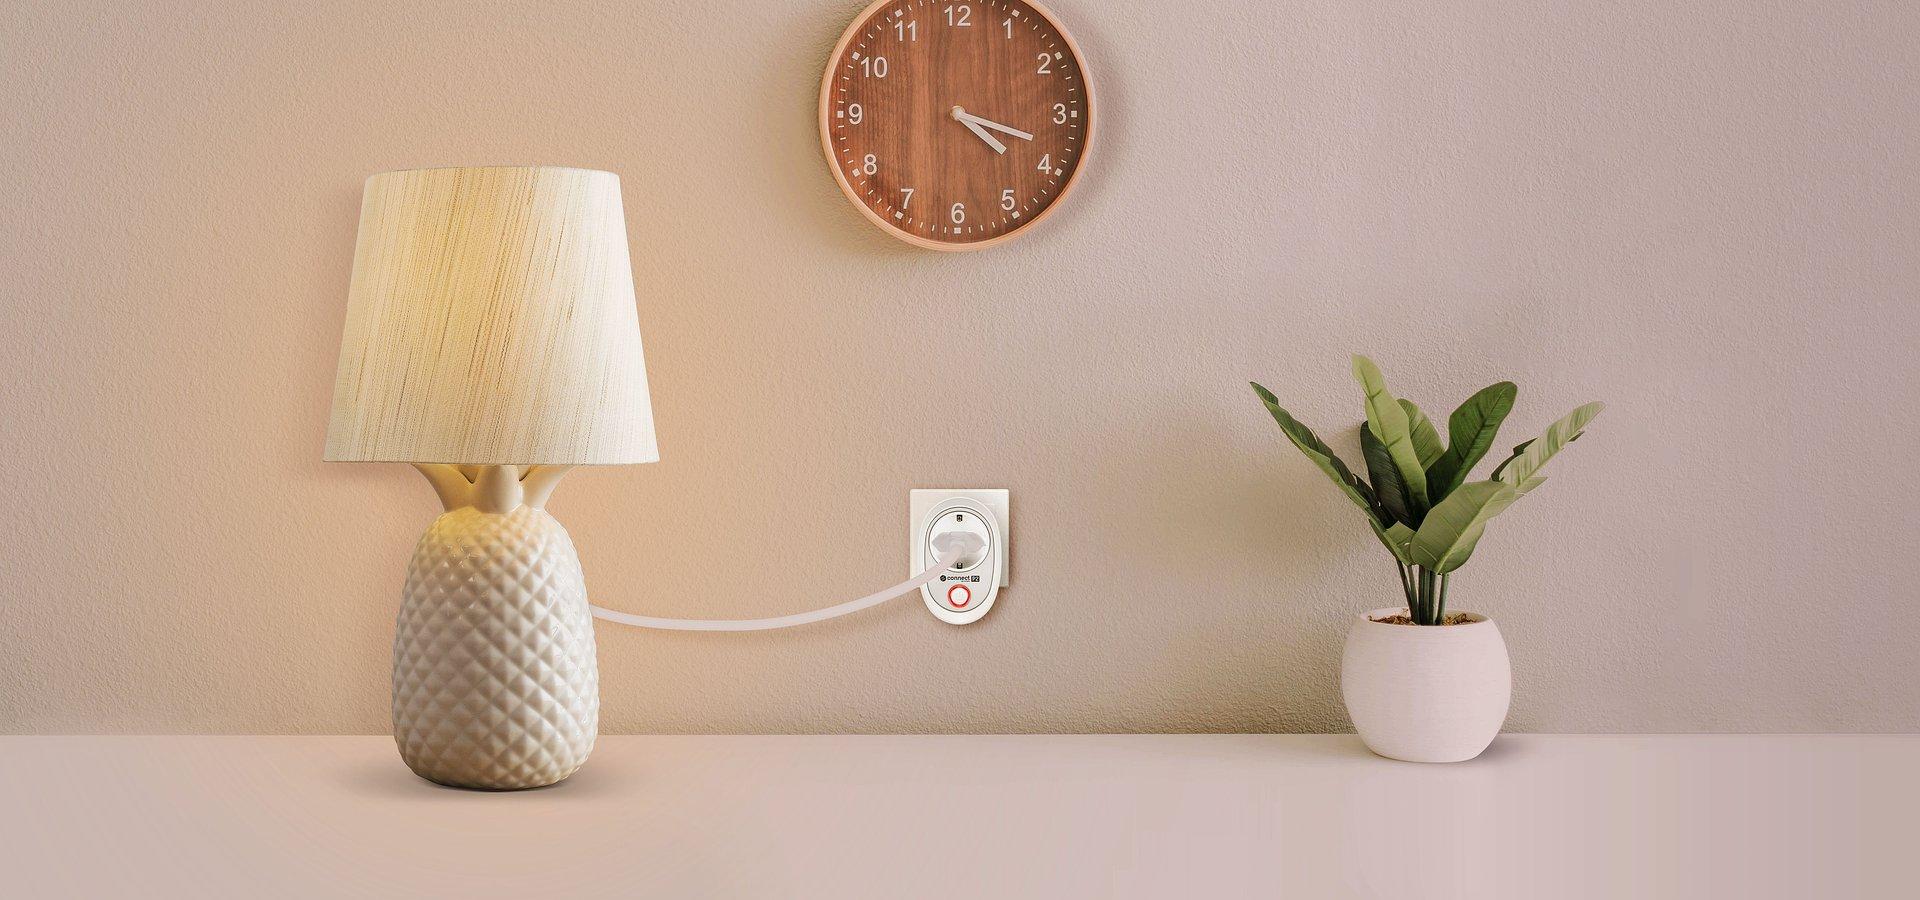 Connect P2 - niedrogie inteligentne gniazdo Wi-Fi od Kruger&Matz